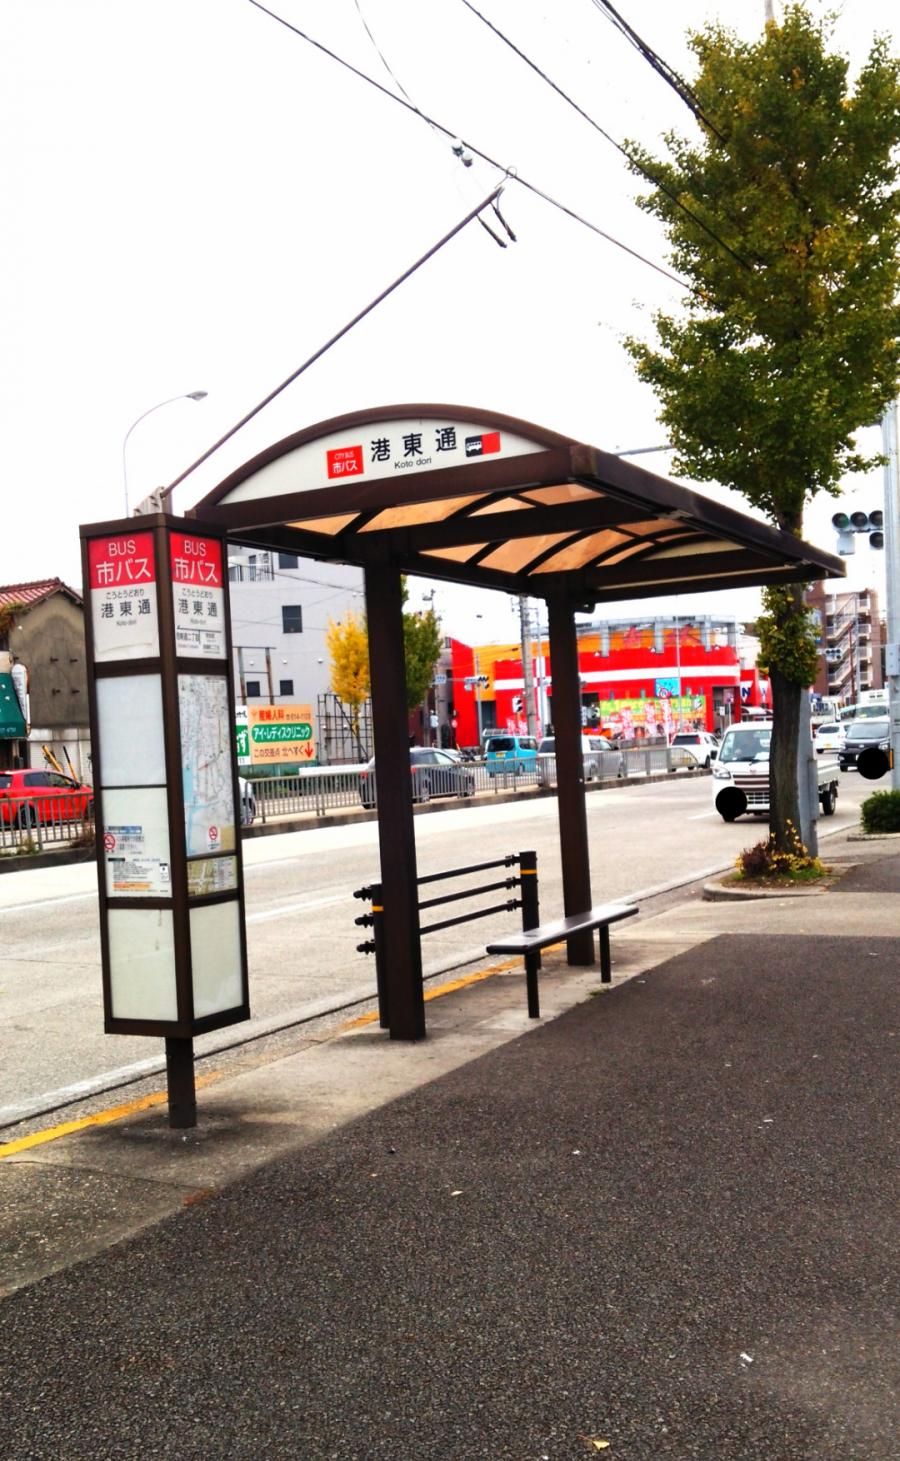 ユキサキナビ】名古屋市営バス「港東通」バス停留所(名古屋市南区港東通)